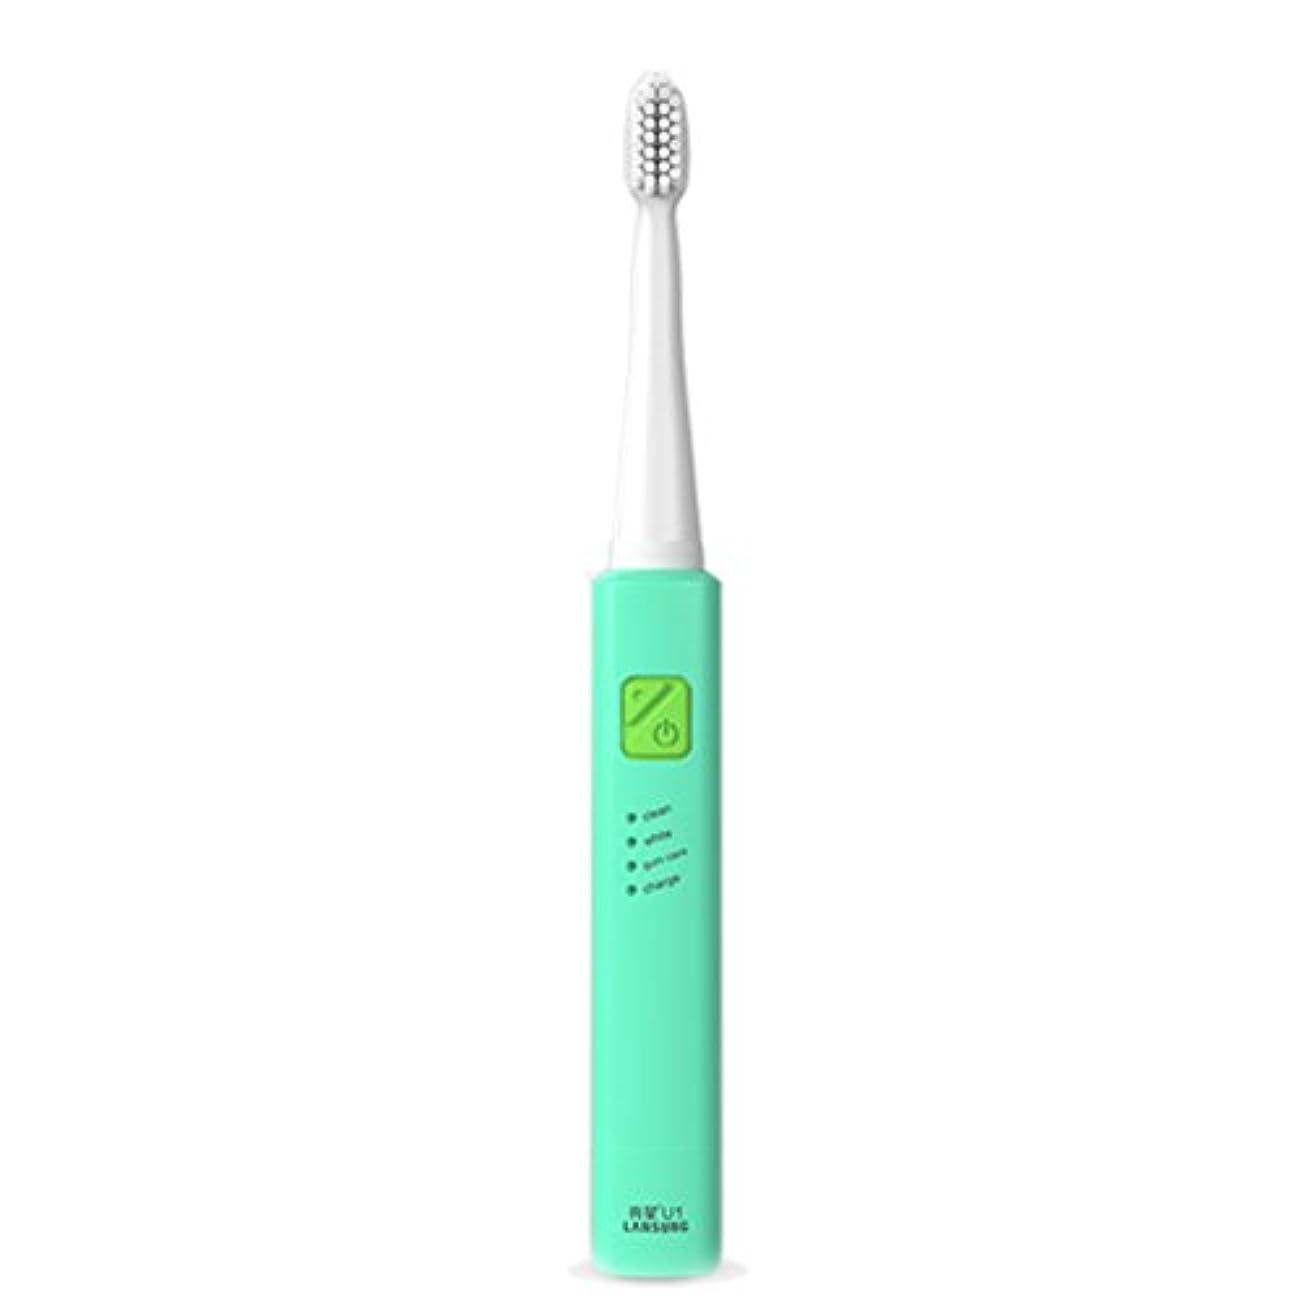 傷跡消費夕暮れ電子歯ブラシ 超音波ロータリー ノンスリップ防水歯ブラシ 歯科口腔衛生